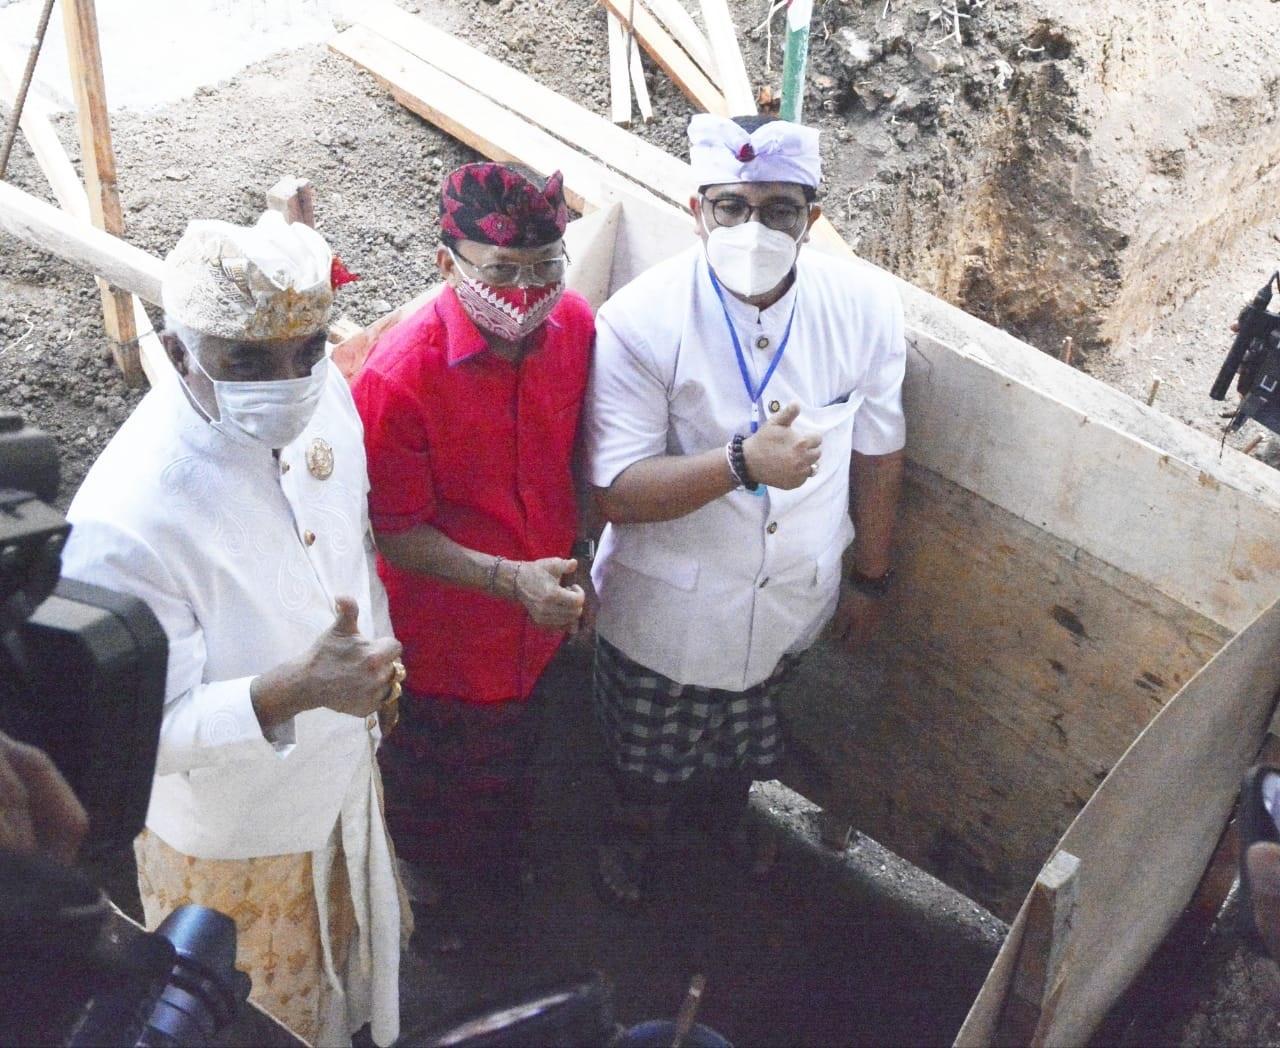 GUBERNUR Koster (tengah) didampingi Wabup Sanjaya dan Bendesa Agung MDA Bali tampak berfoto bersama saat nasarin Kantor MDA Tabanan. Foto: ist